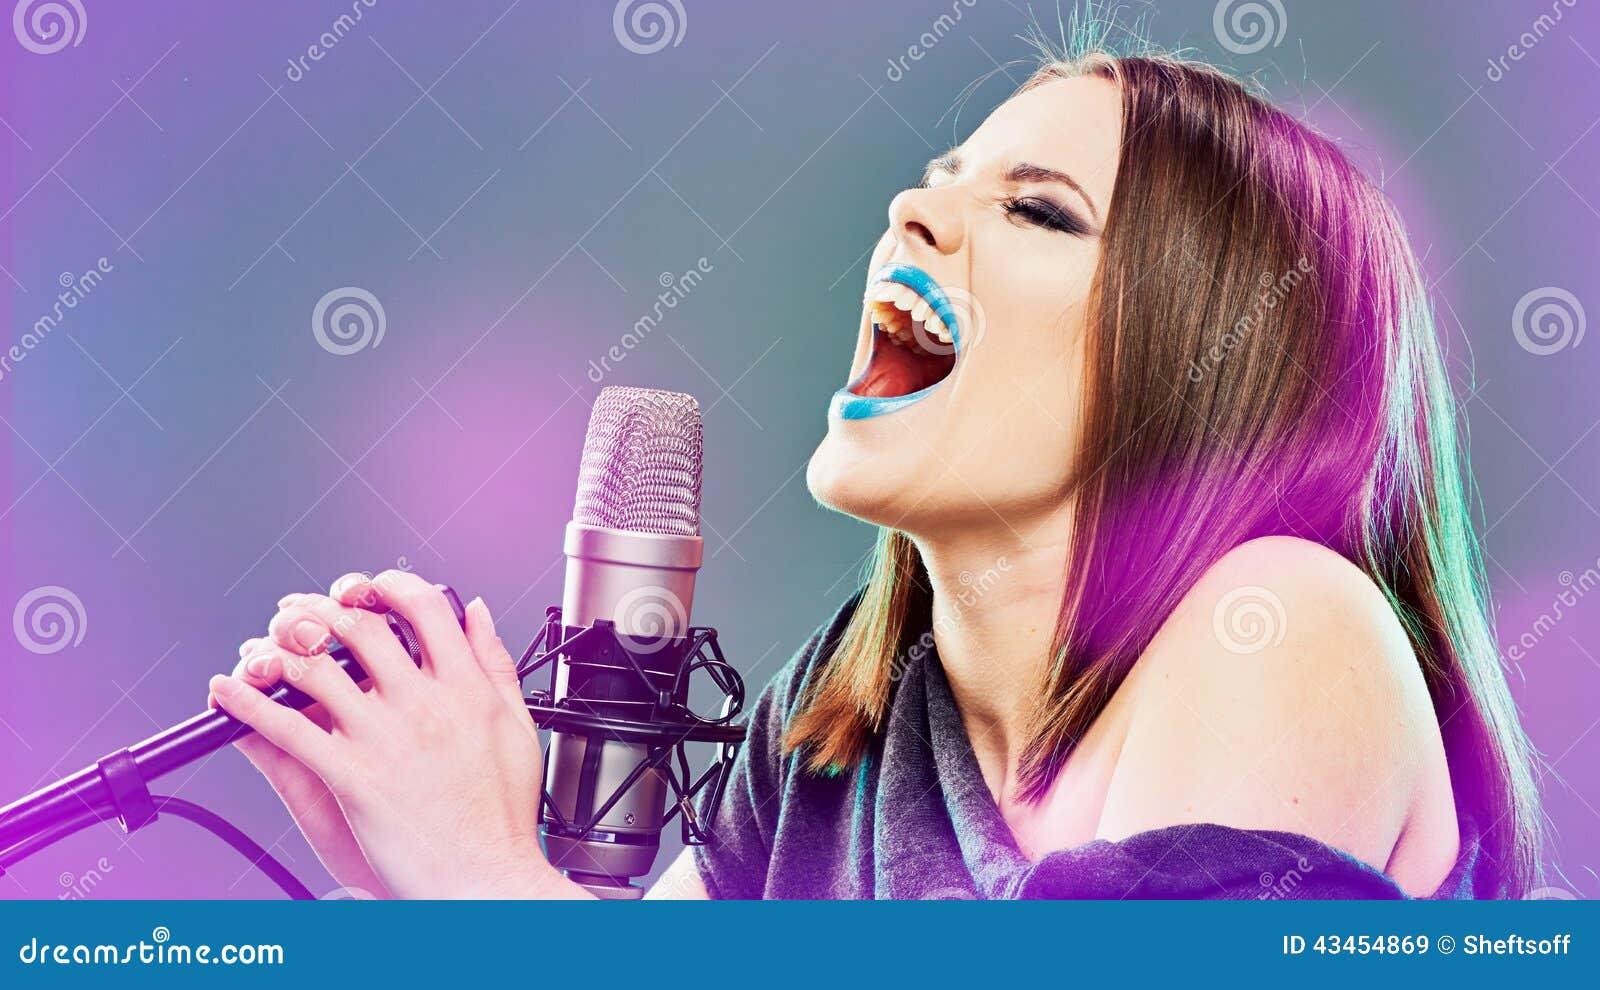 Emocjonalny piosenkarz młode kobiety